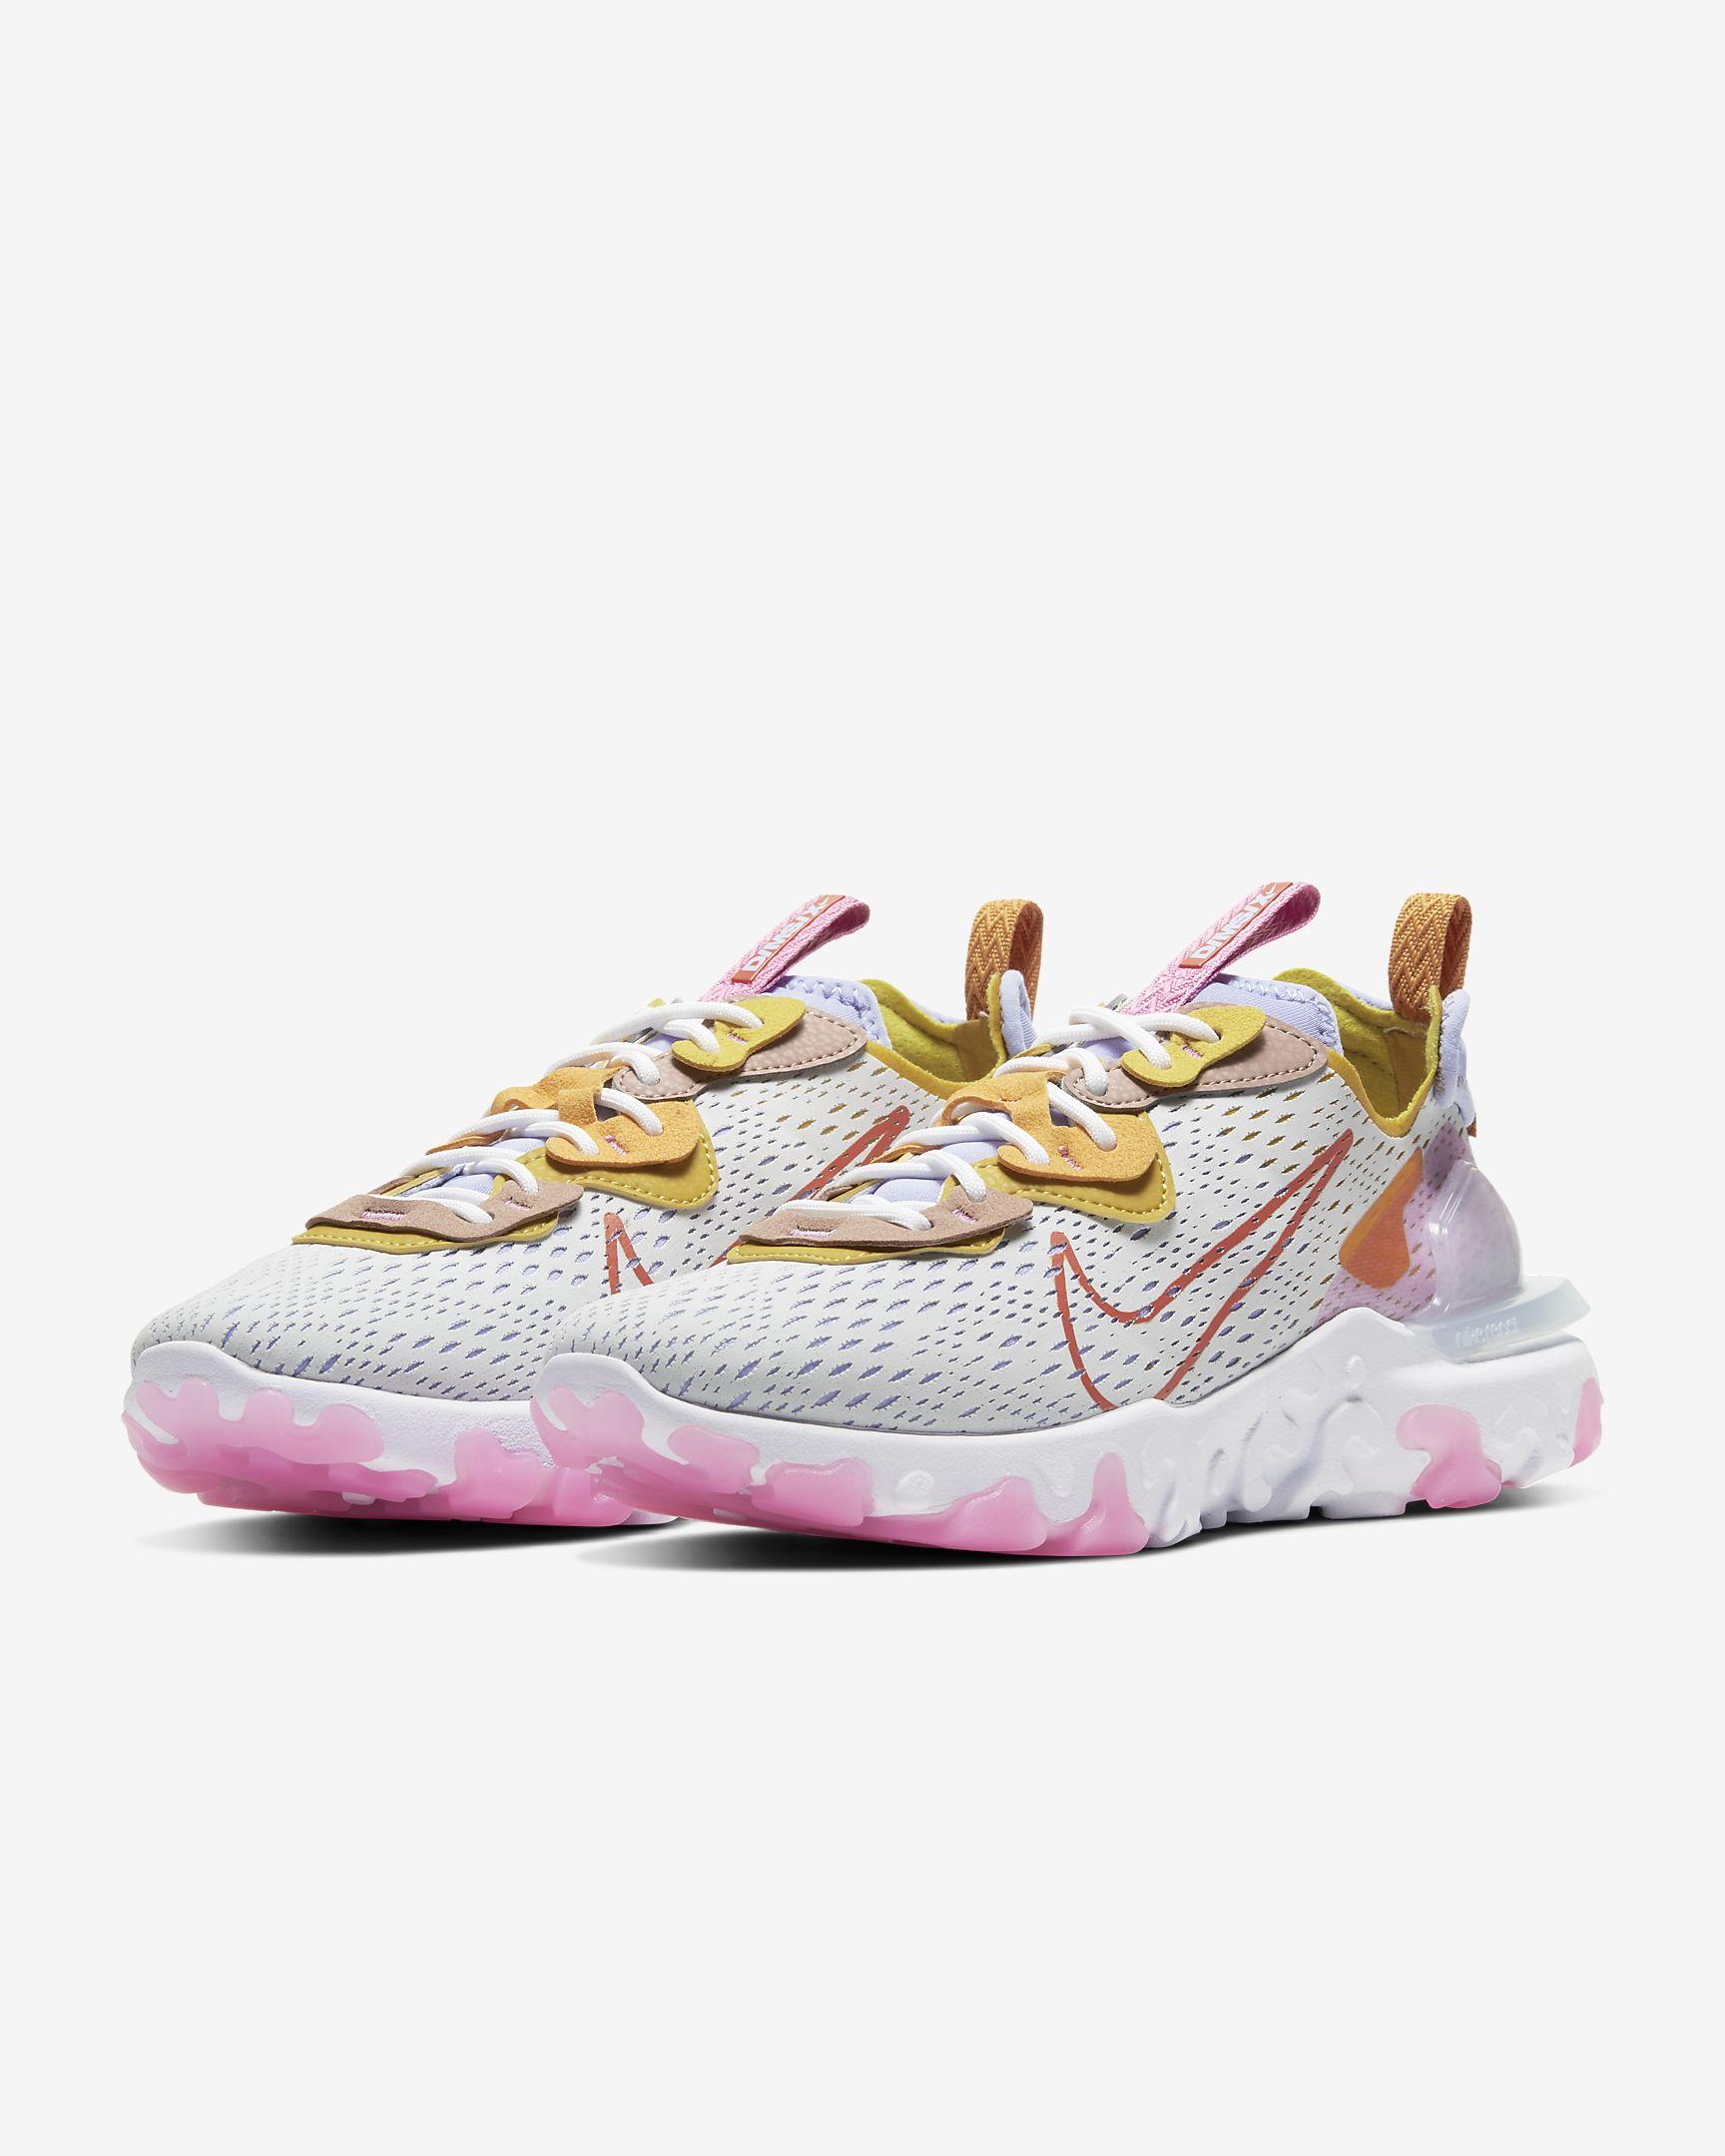 Zapatillas Nike React Vision